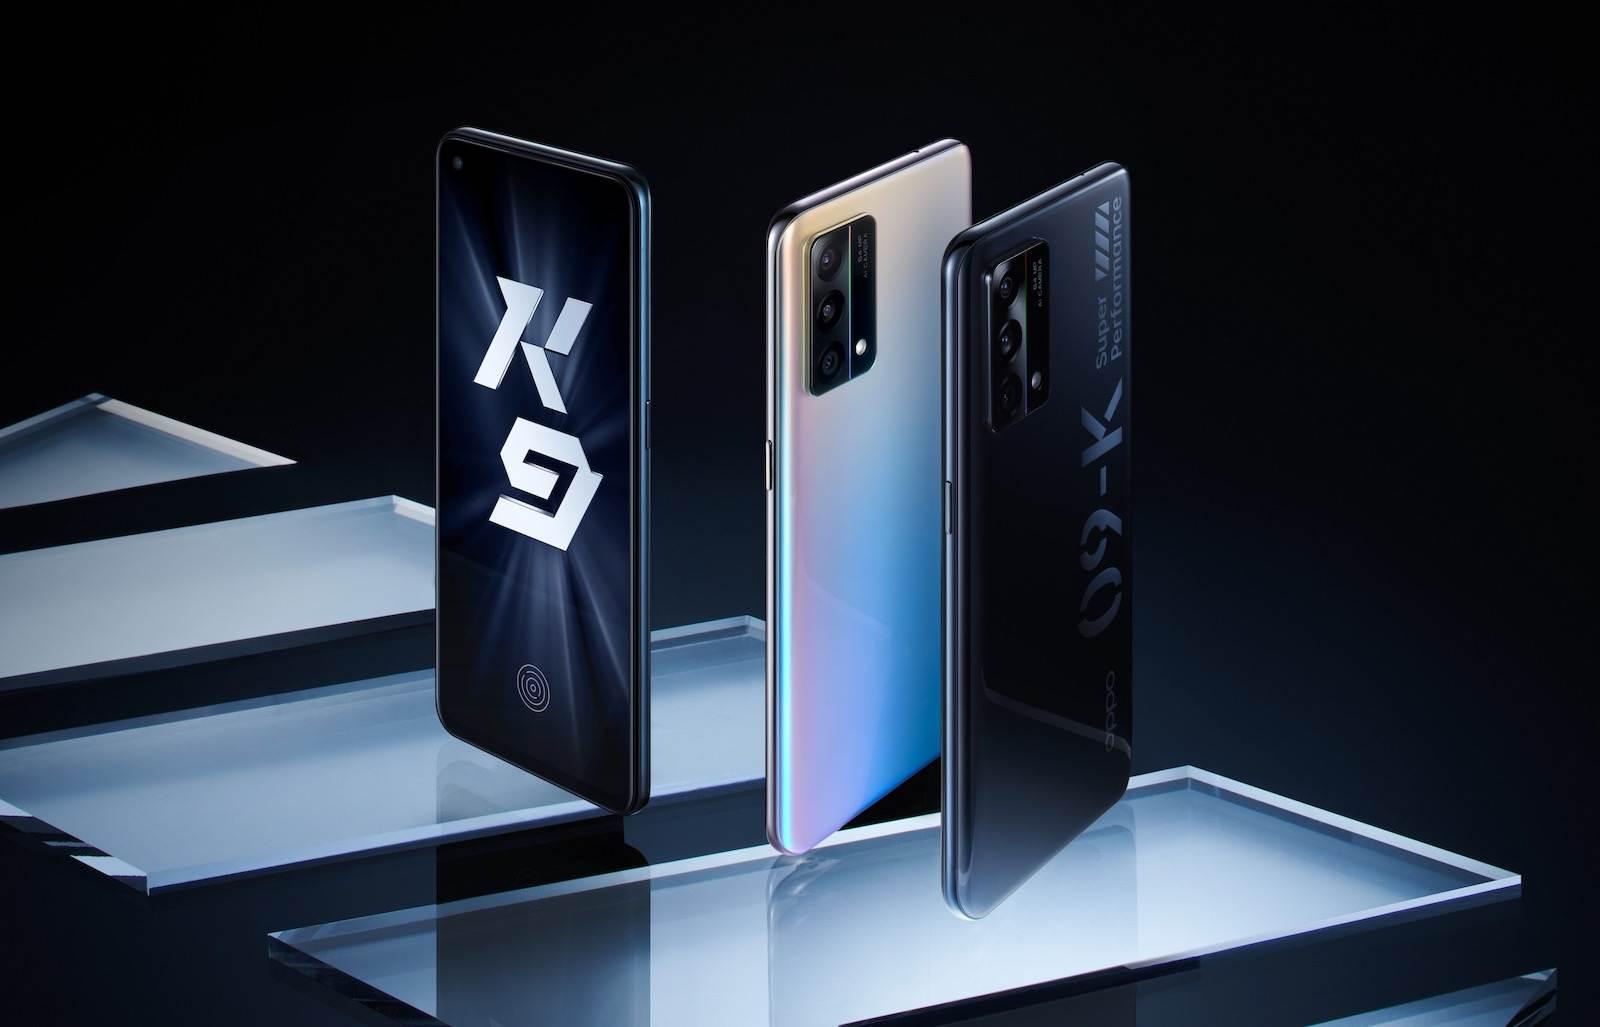 最前线丨OPPO发布K系列入门产品,手机和电视尝试搭配销售